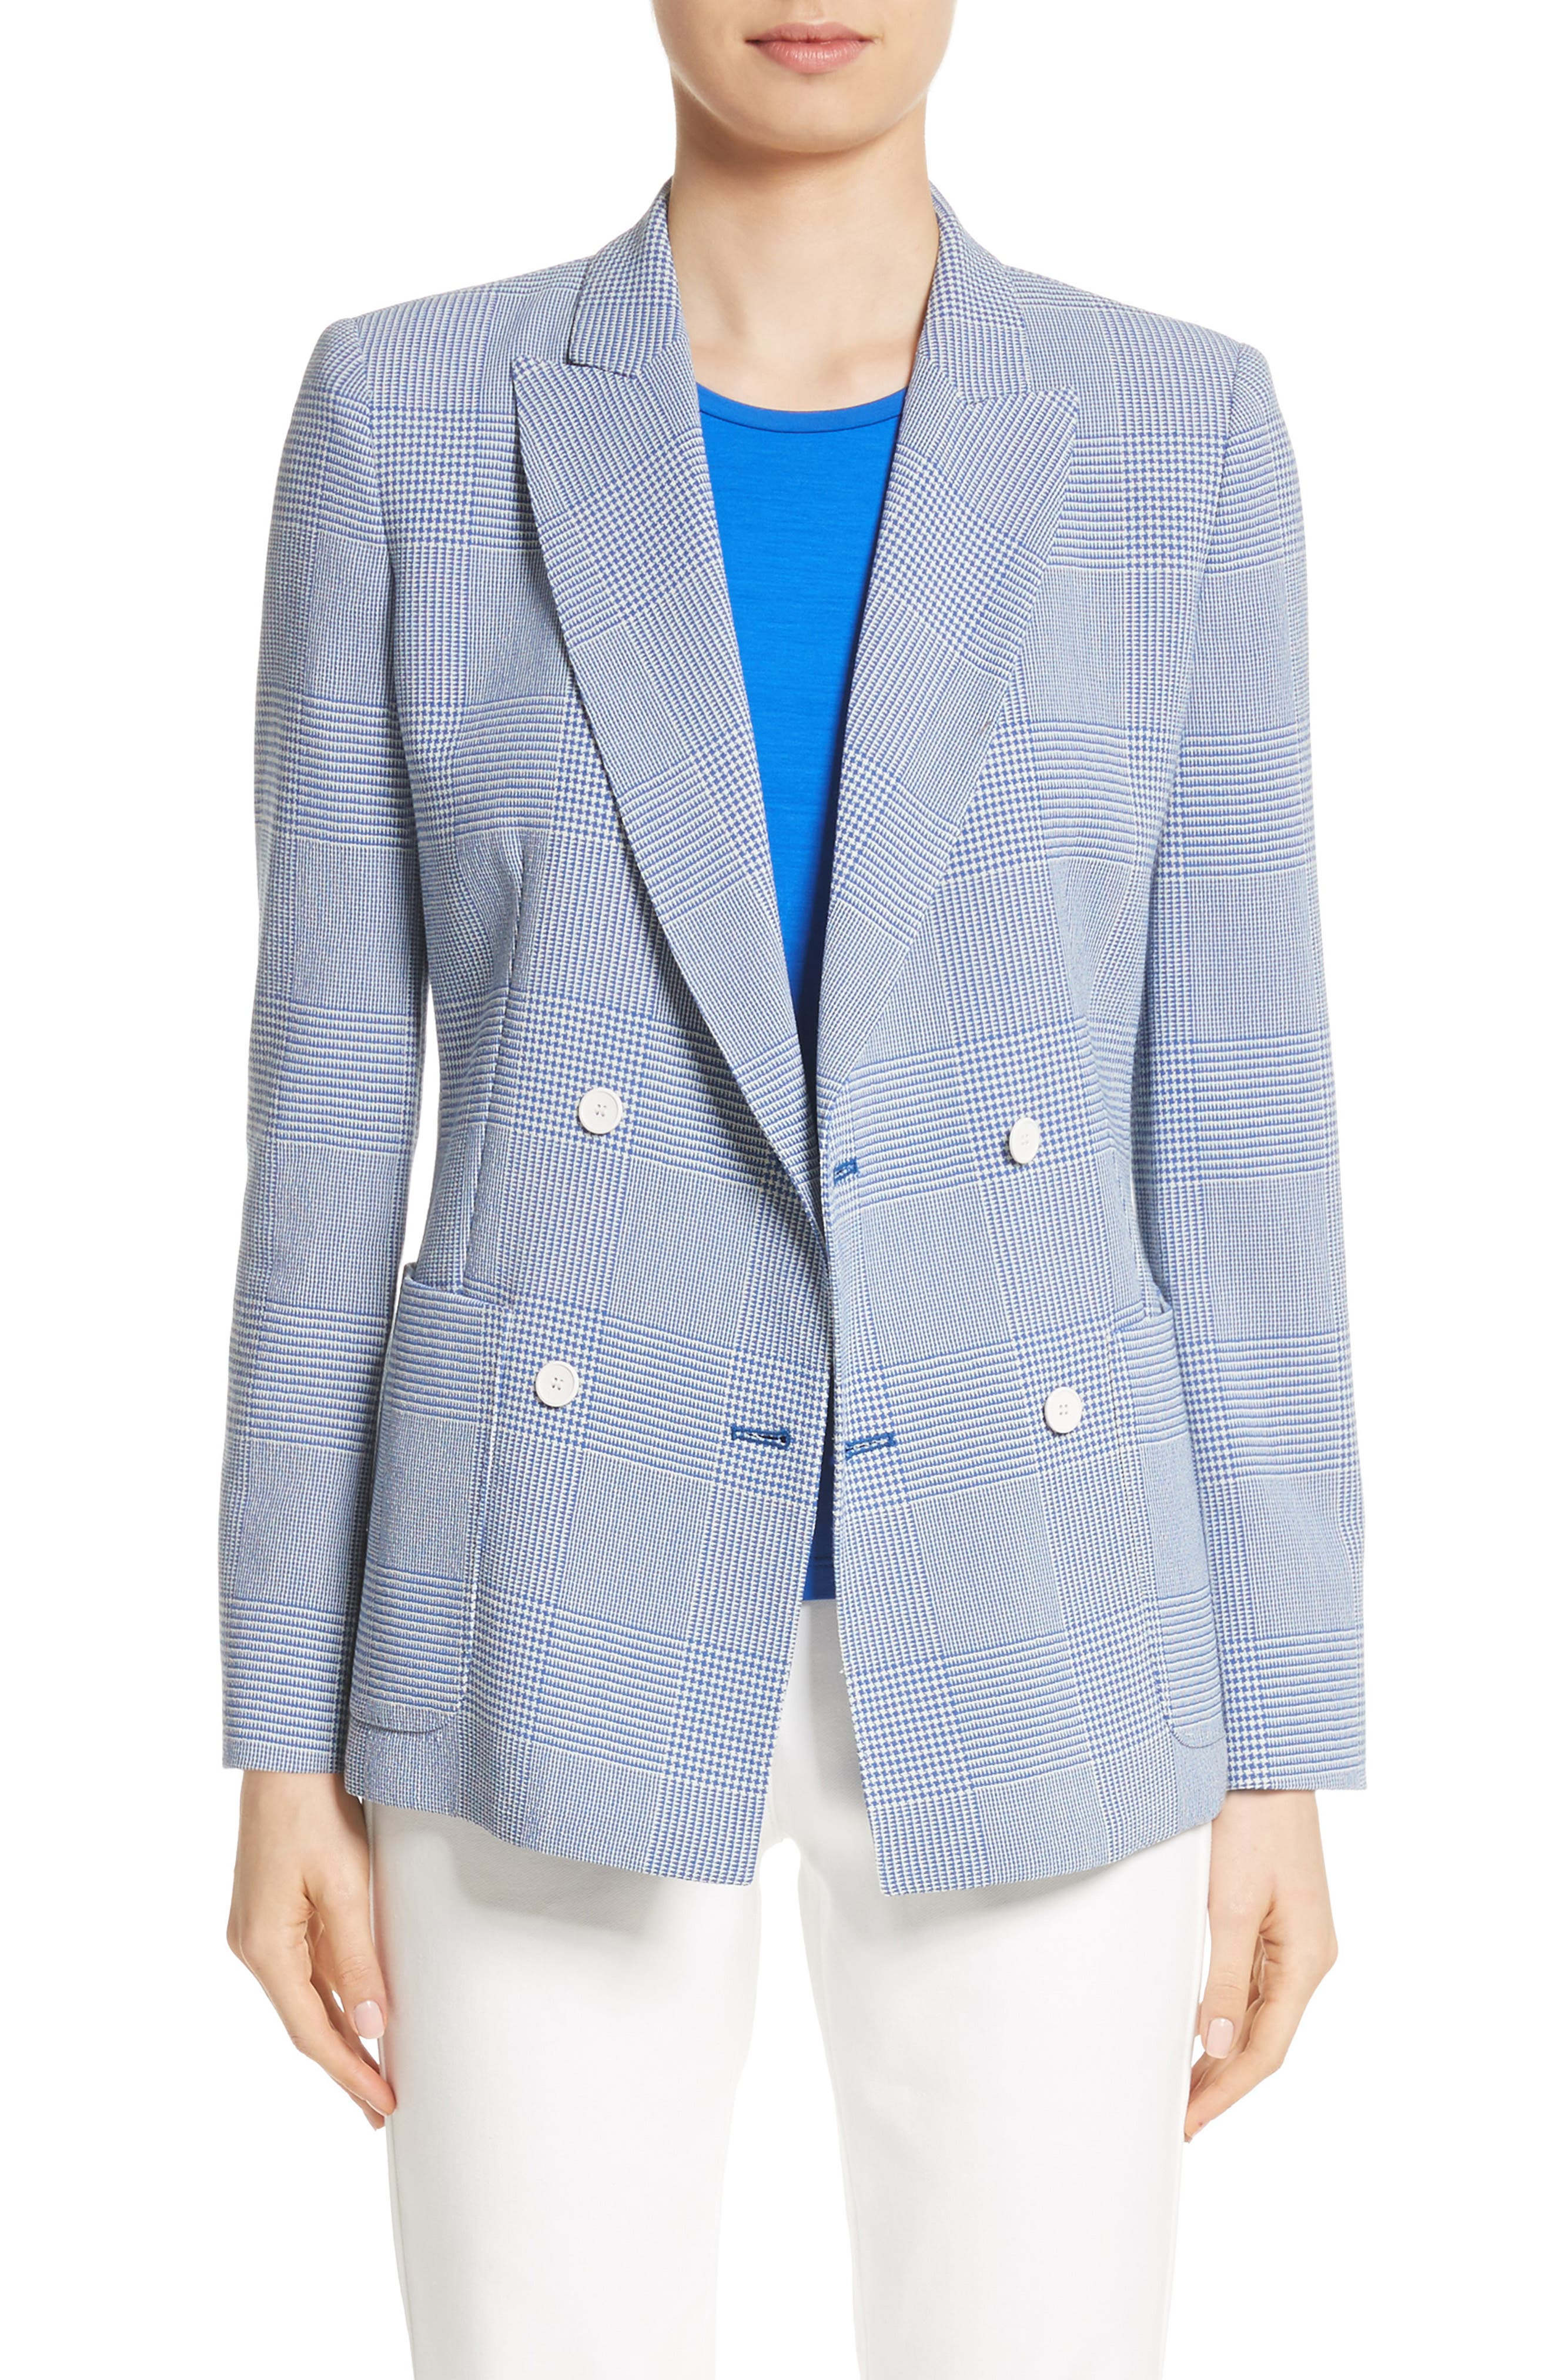 Nordstrom black wool coat